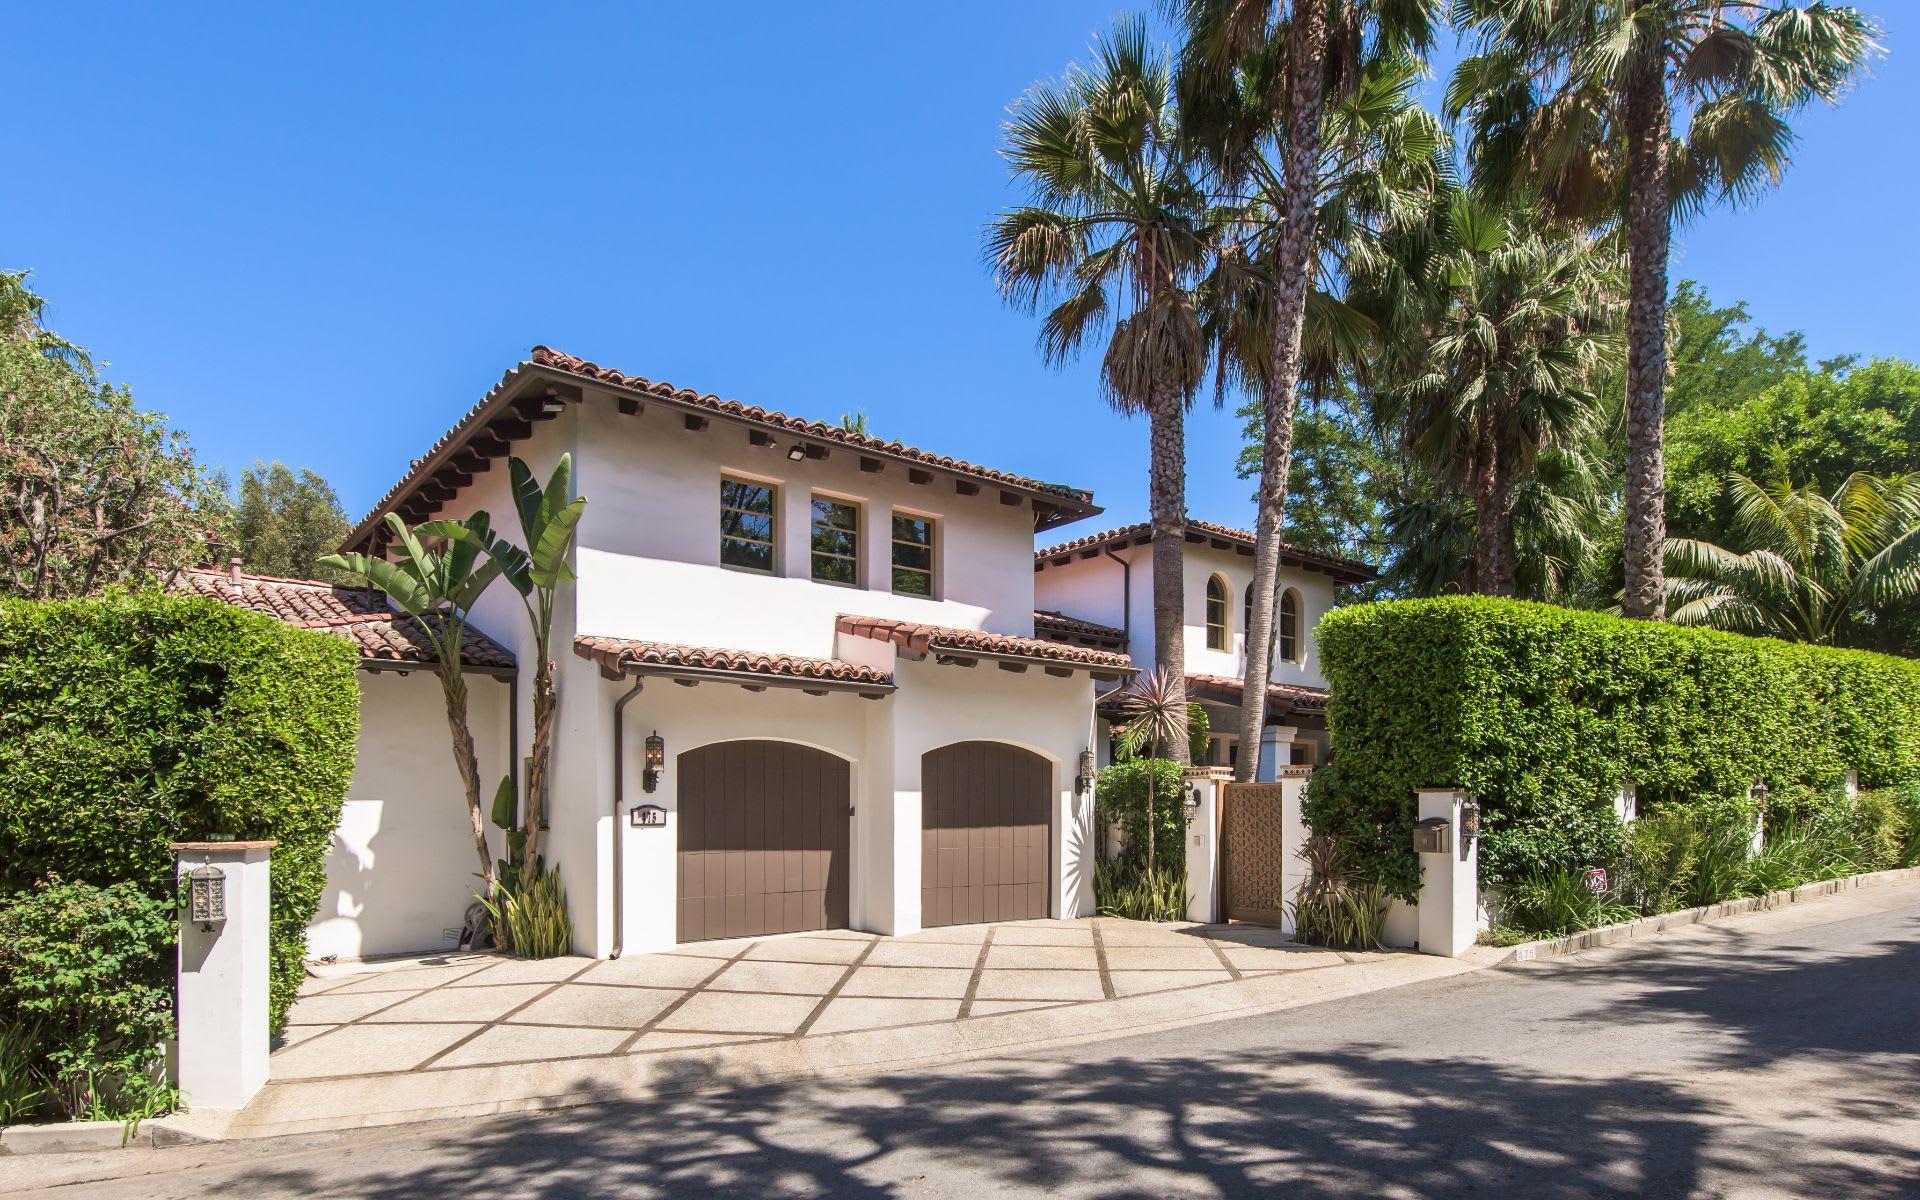 Maison unifamiliale pour l Vente à 475 Halvern Dr 475 Halvern Dr Los Angeles, Californie,90049 États-Unis